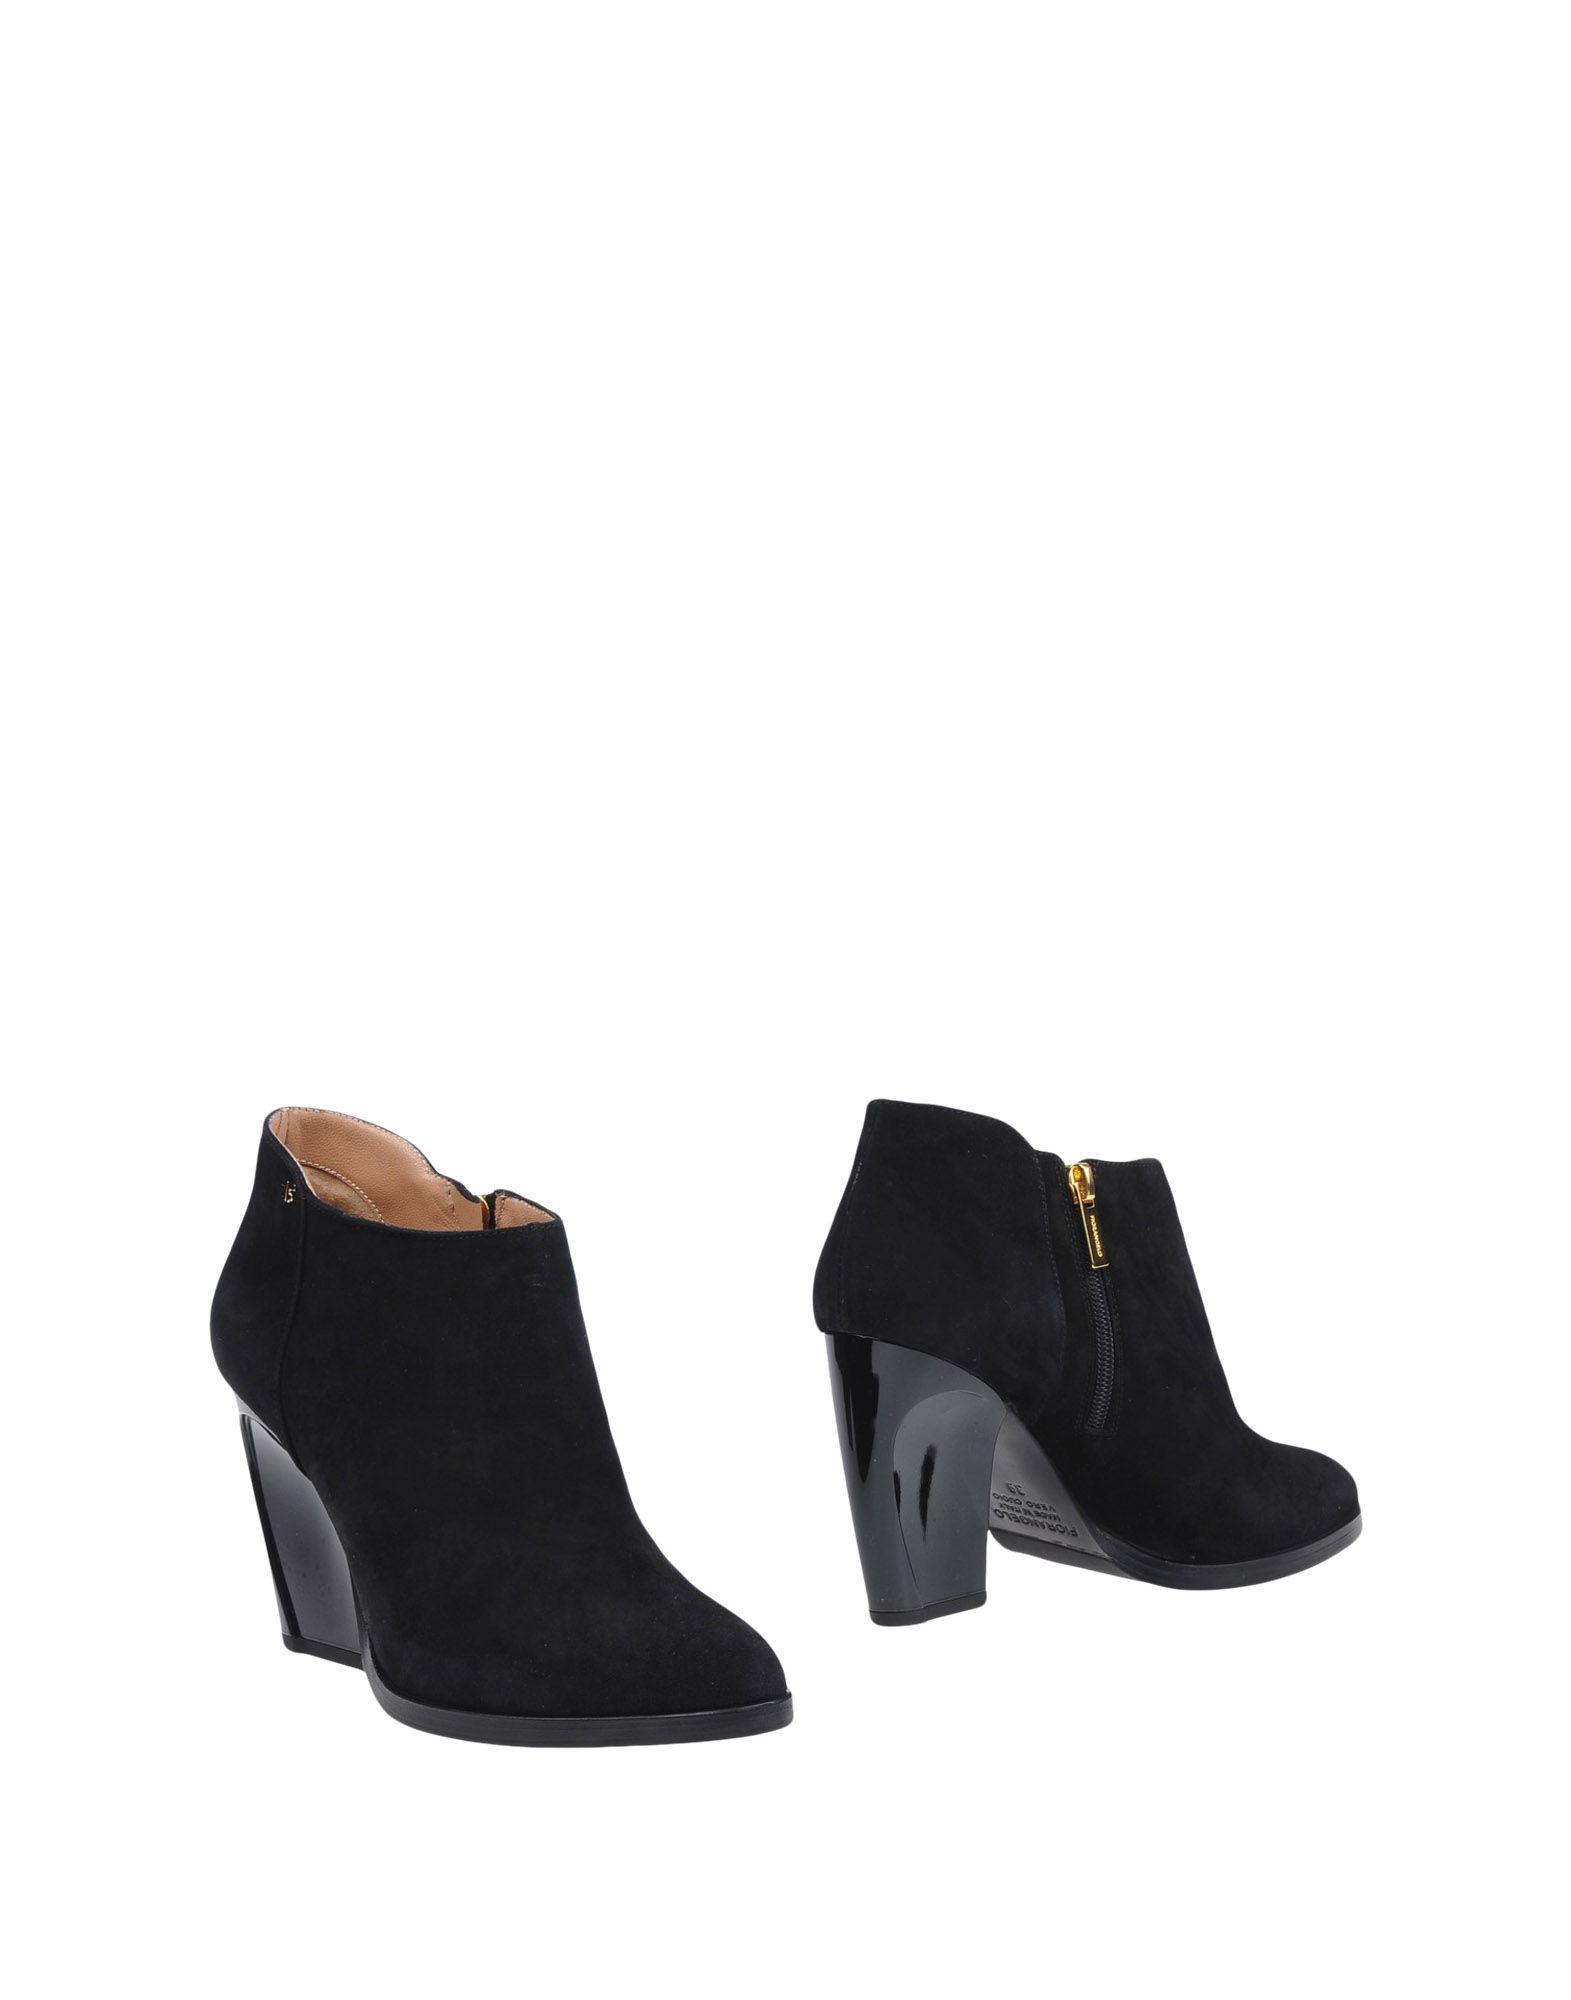 Fiorangelo Stiefelette  Damen  Stiefelette 11228742LHGut aussehende strapazierfähige Schuhe a3d7a4